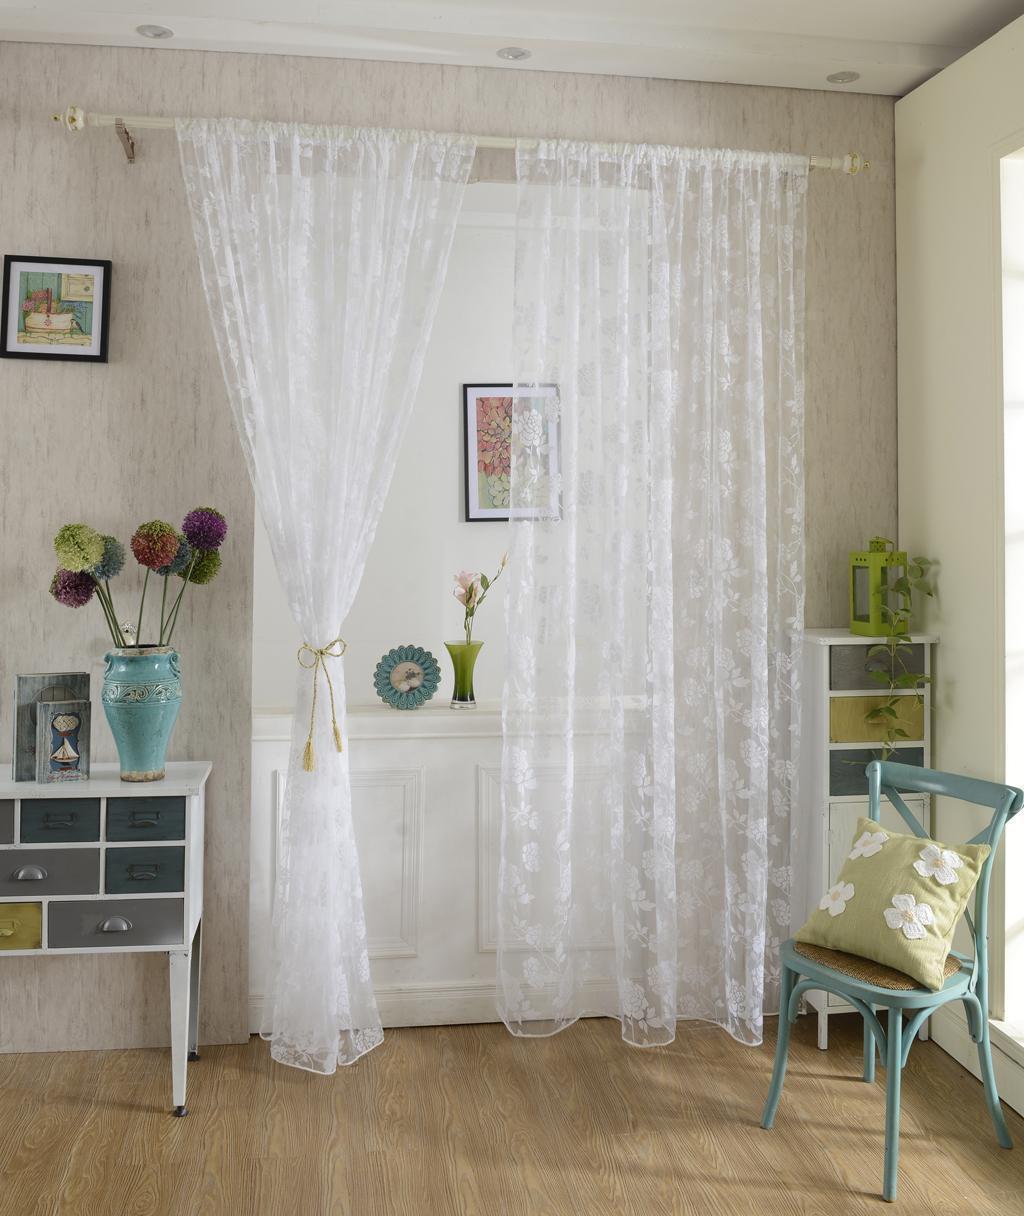 Rideau Pour Porte Fenetre détails sur rideau voilage de fenêtre de papillon décoration pour chambre  salon